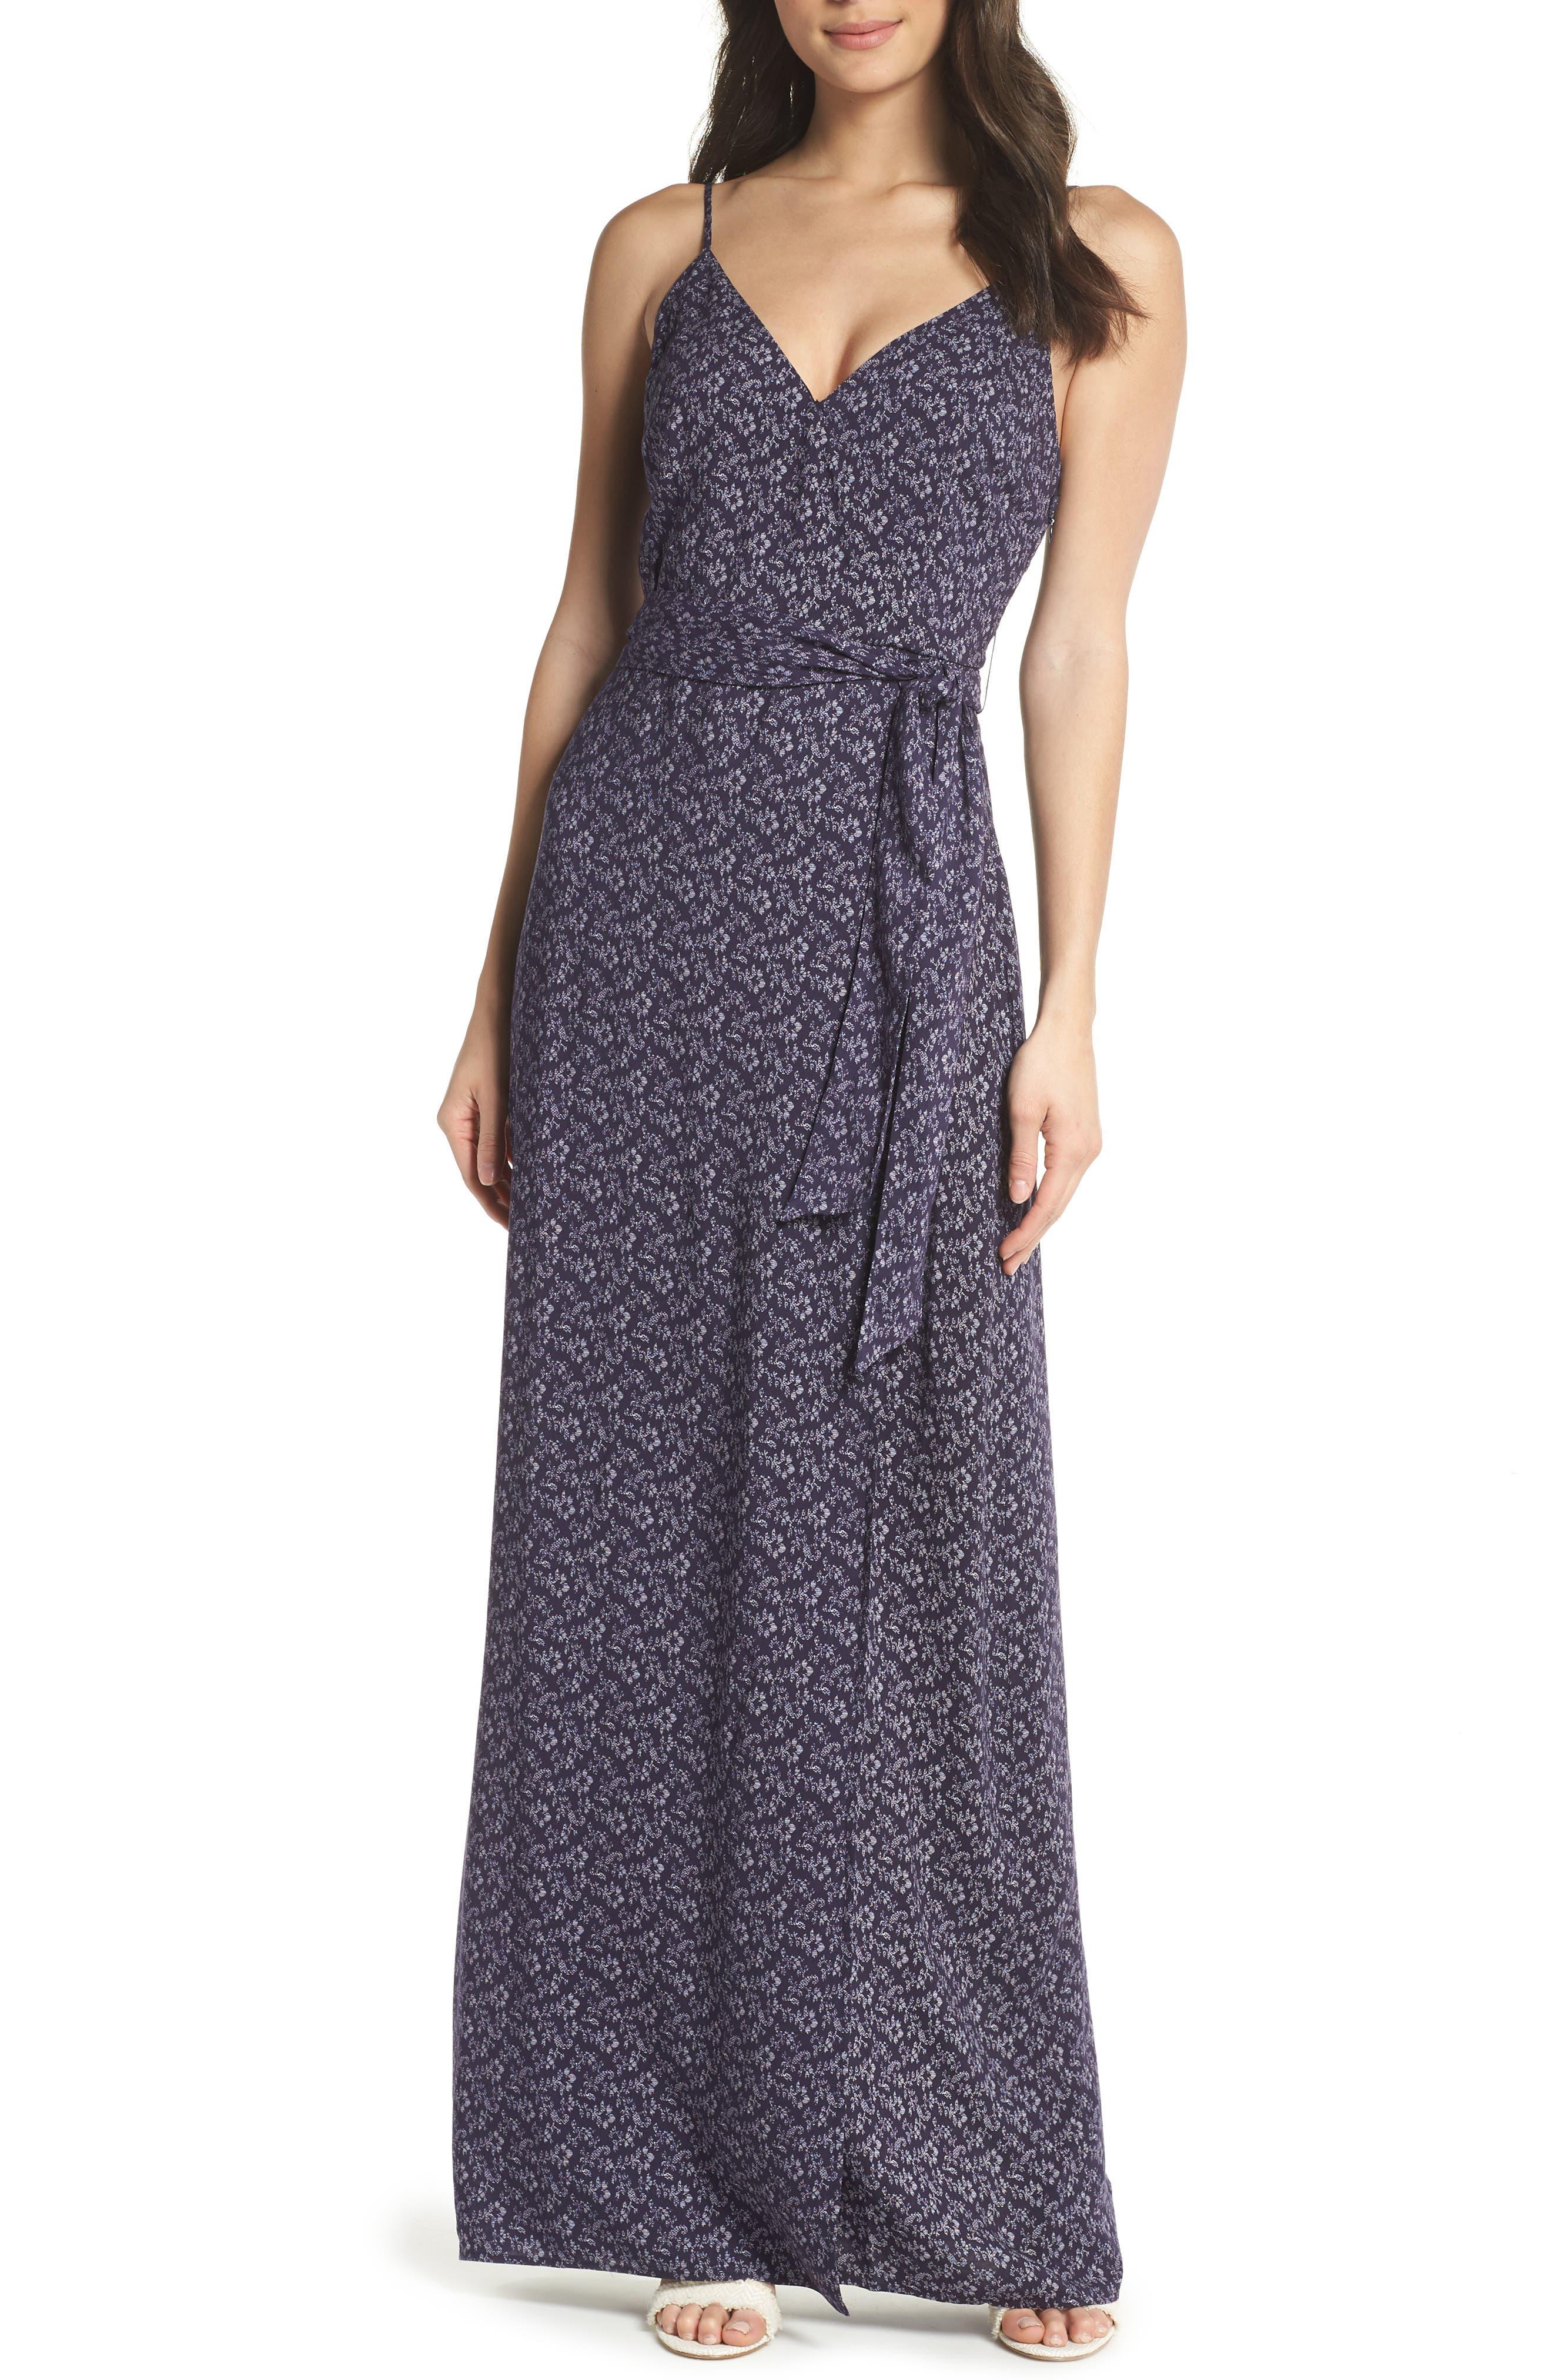 Regina Floral Print Maxi Dress,                         Main,                         color, 400